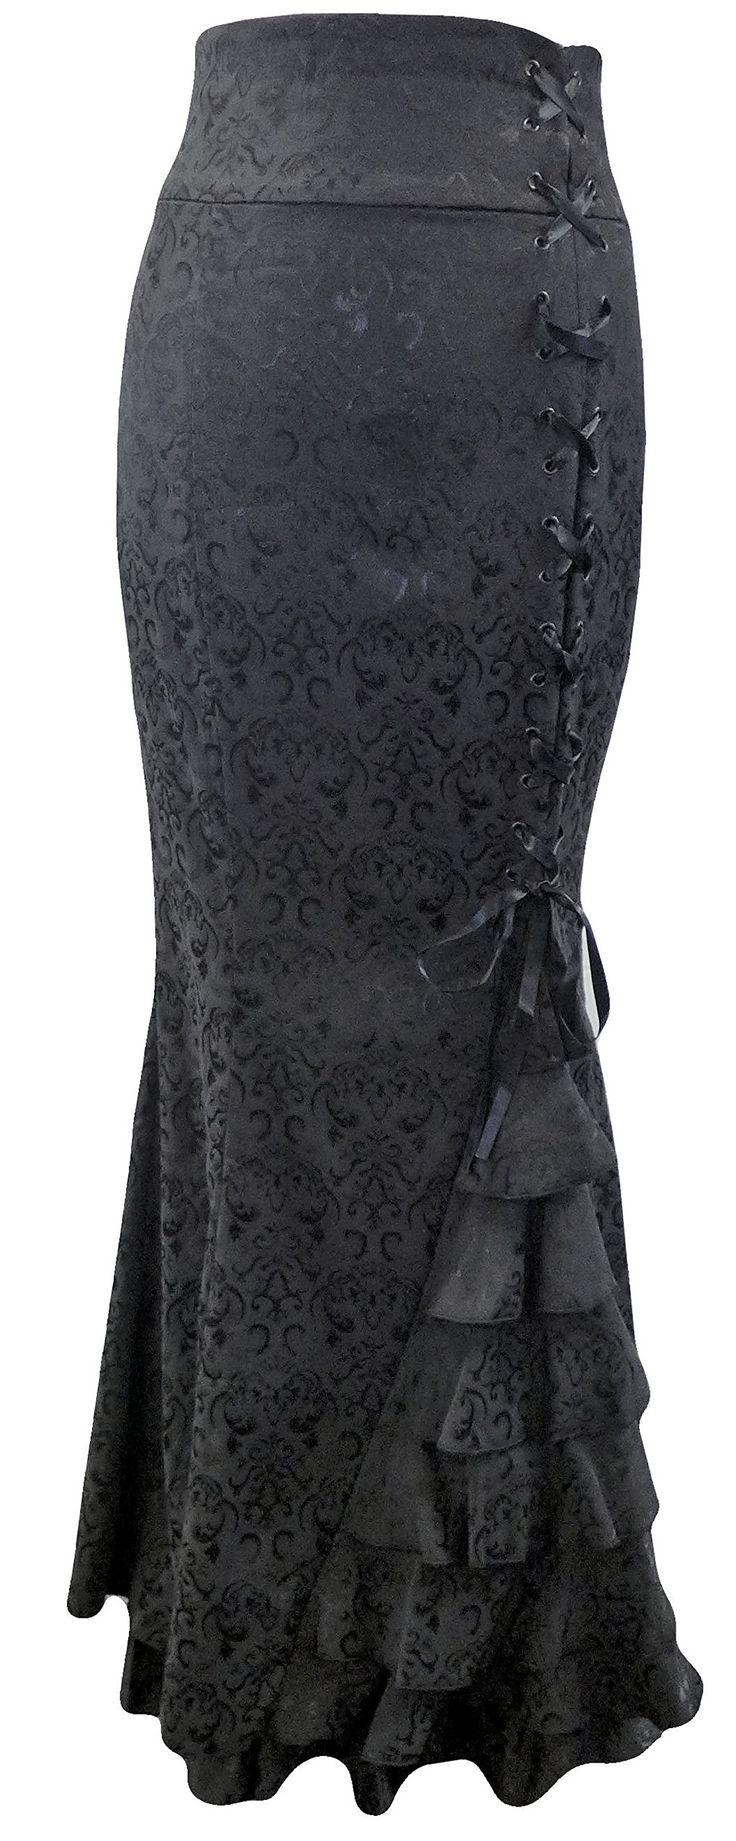 Une fantastique longue jupe à volants en jacquard avec laçage.: Amazon.fr: Vêtements et accessoires